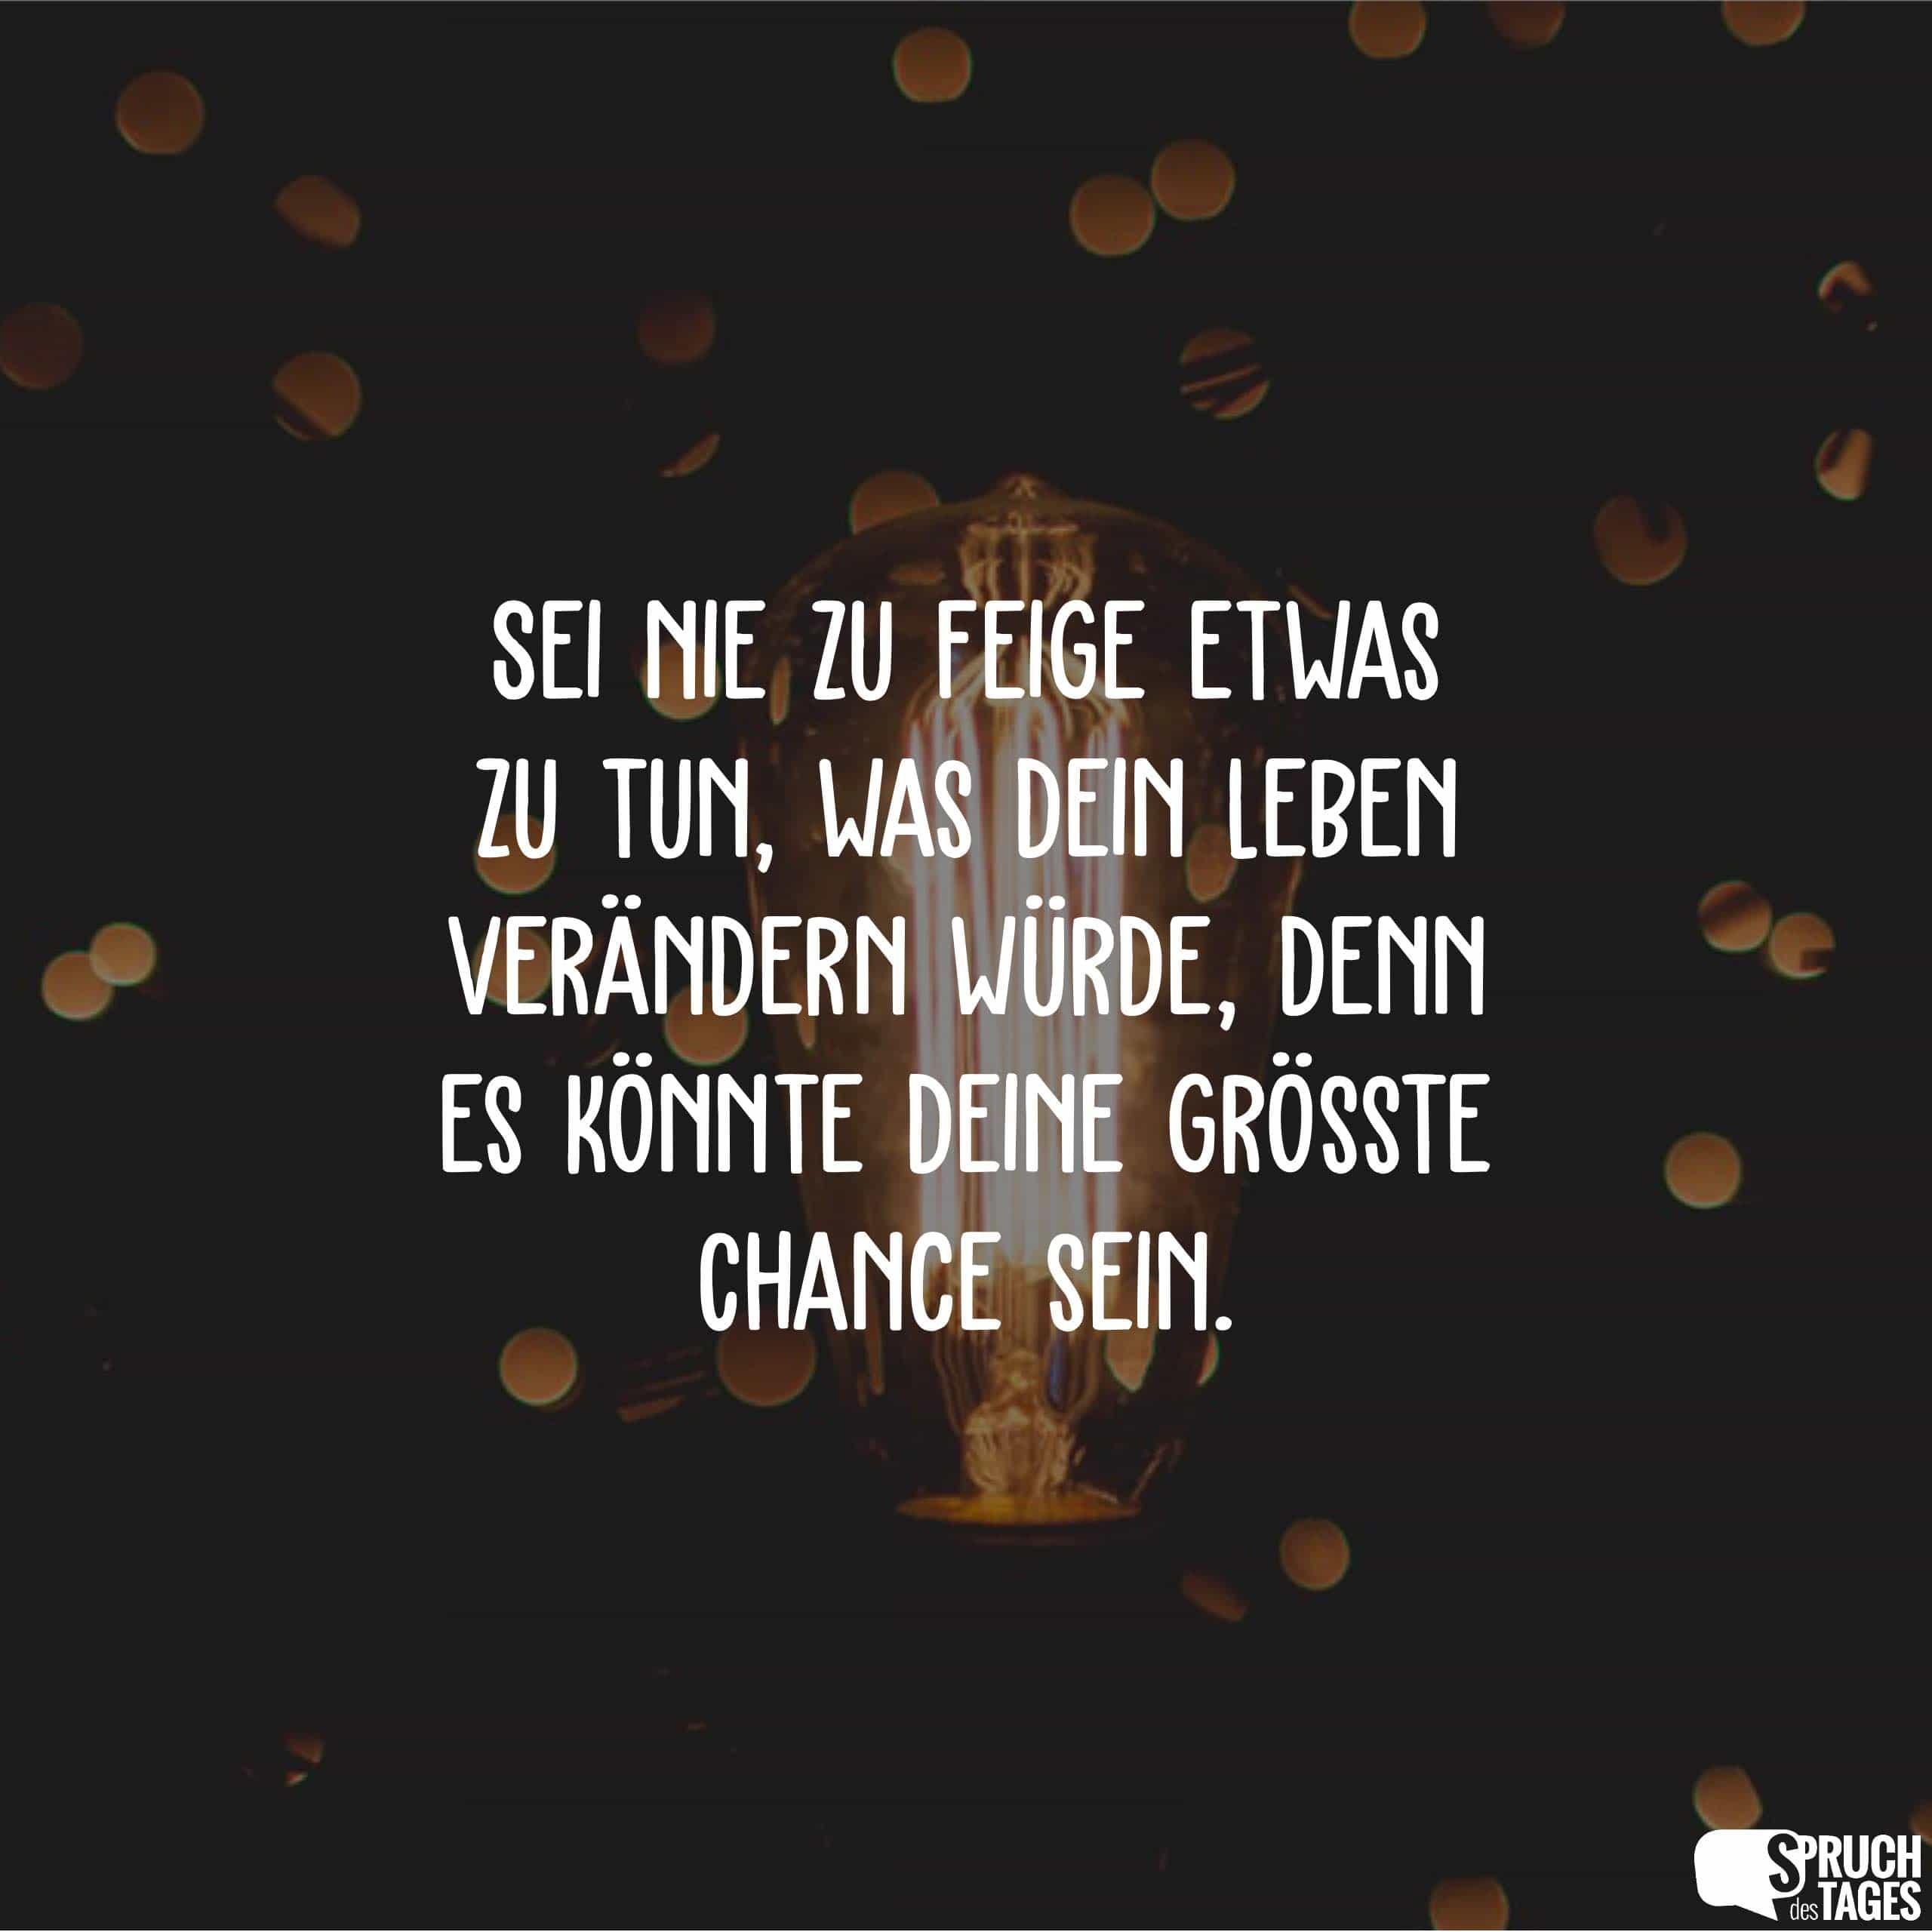 Du hast mein leben verändert gedicht